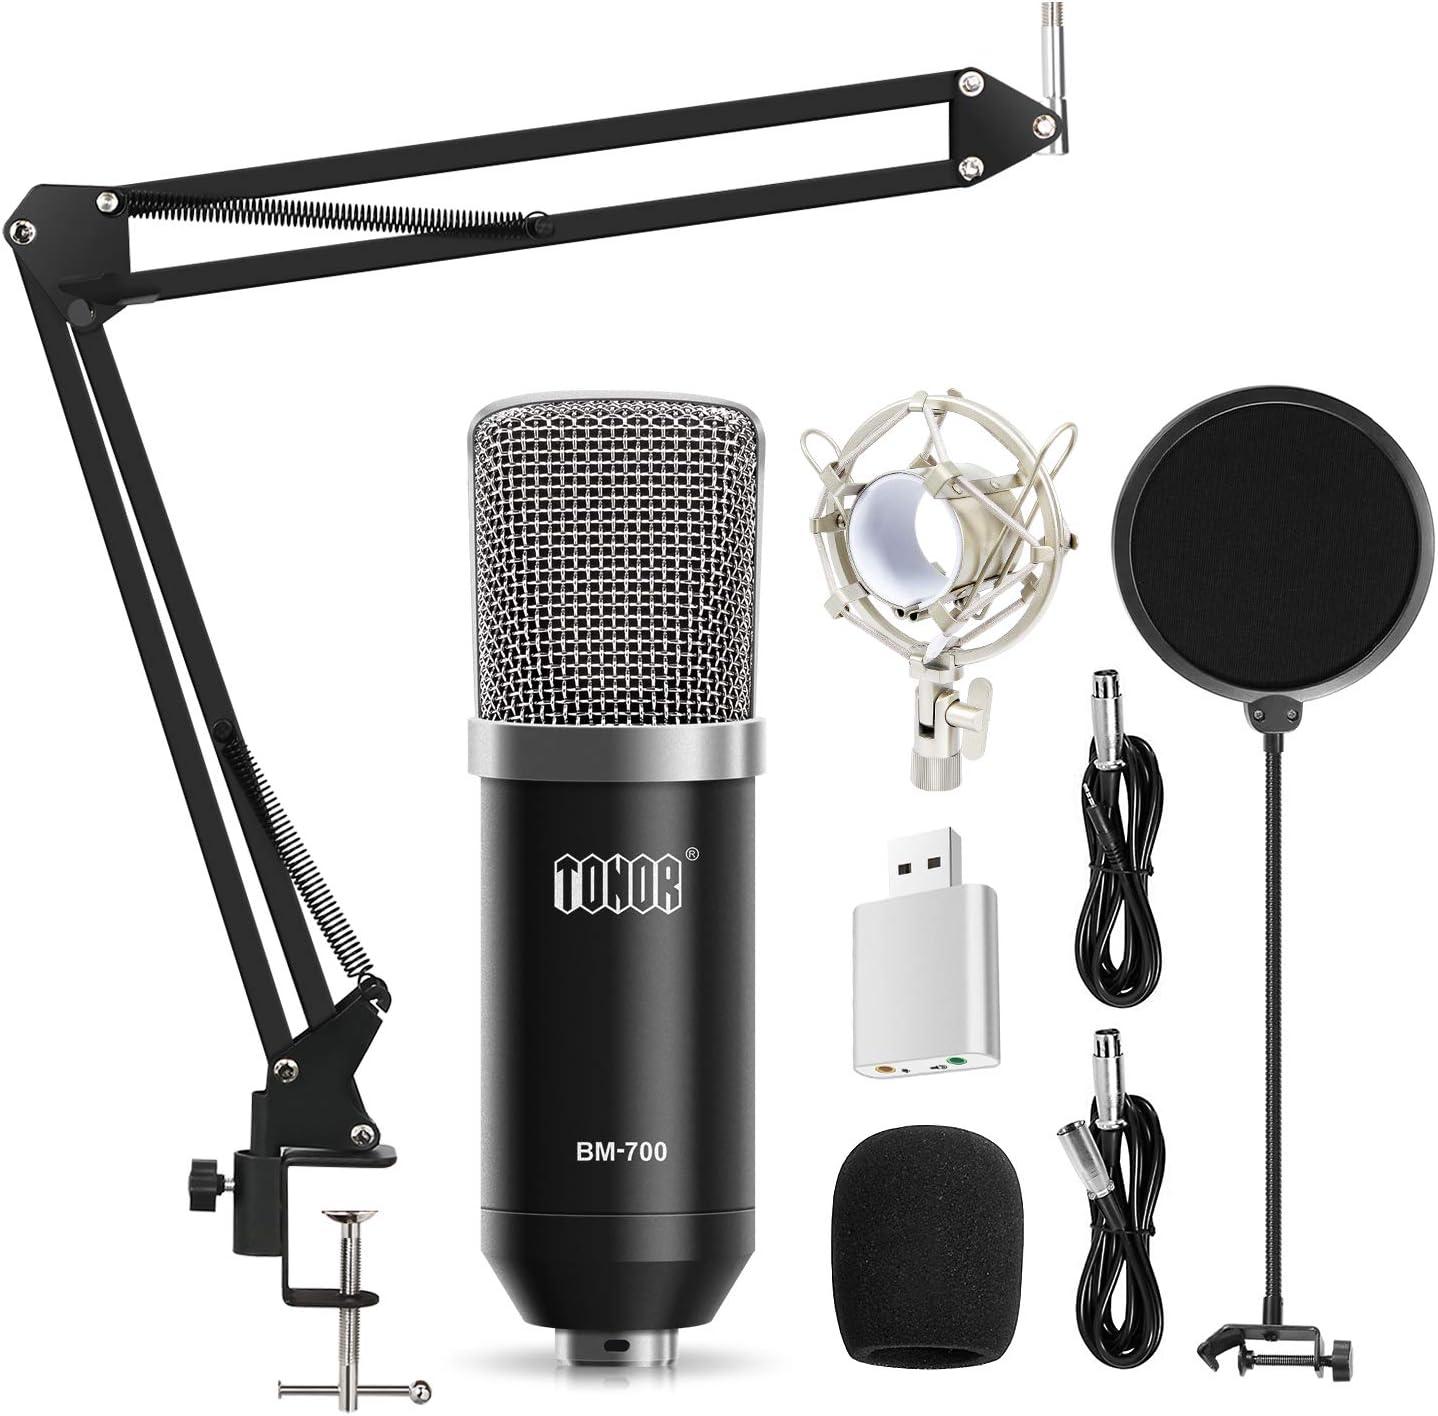 Tonor Micrófono Condensador de Grabación XLR 3.5mm para PC Podcast Estudio con Soporte de Micrófono Ajustable Suspensión, Montura de Choque de Metal y Filtro Anti-Pop Negro